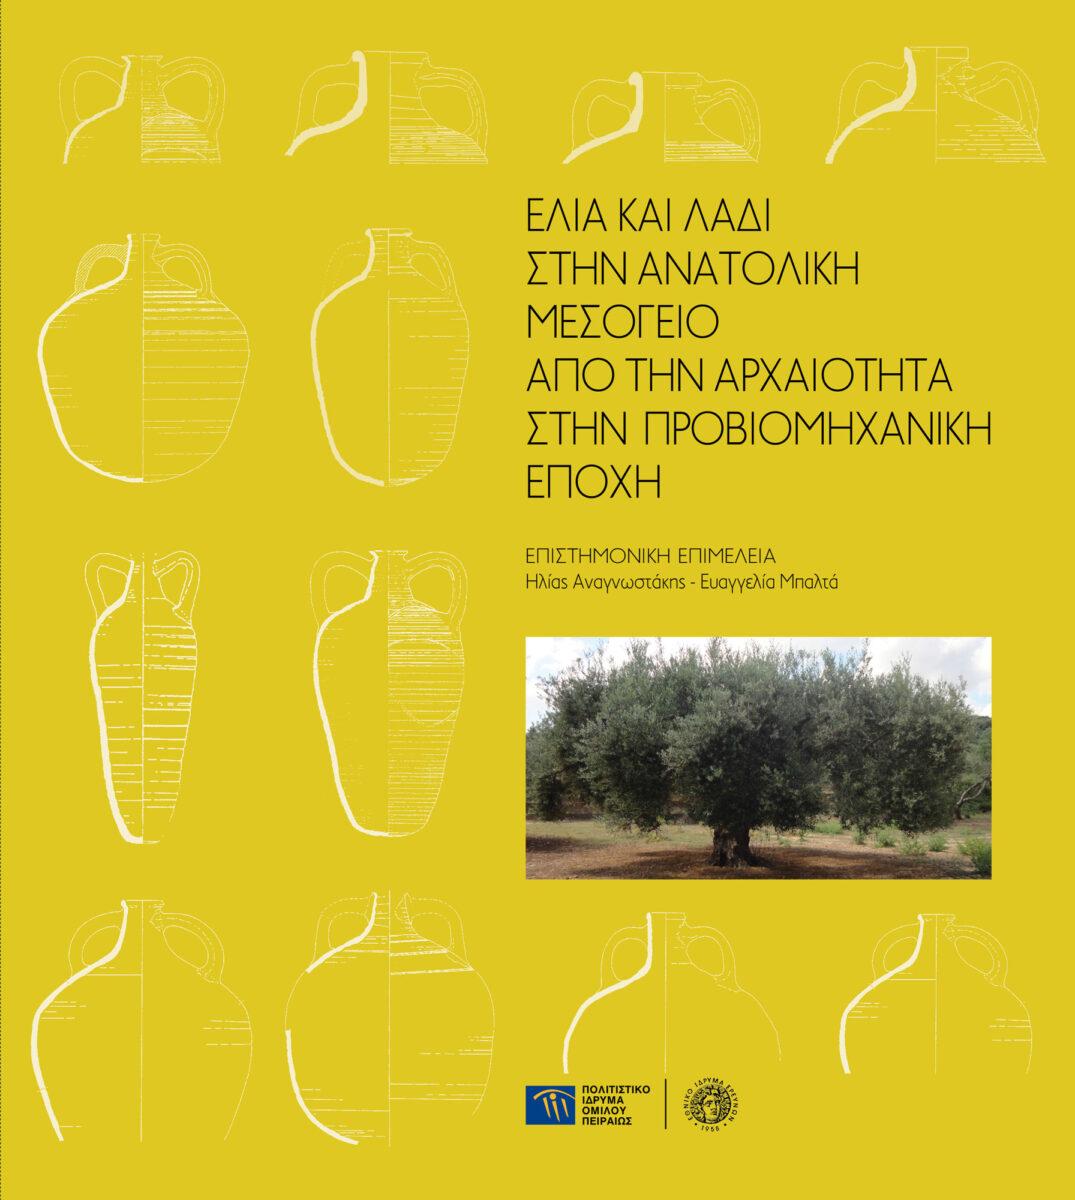 «Ελιά και λάδι στην ανατολική Μεσόγειο. Από την αρχαιότητα στην προβιομηχανική εποχή». Το εξώφυλλο της έκδοσης.